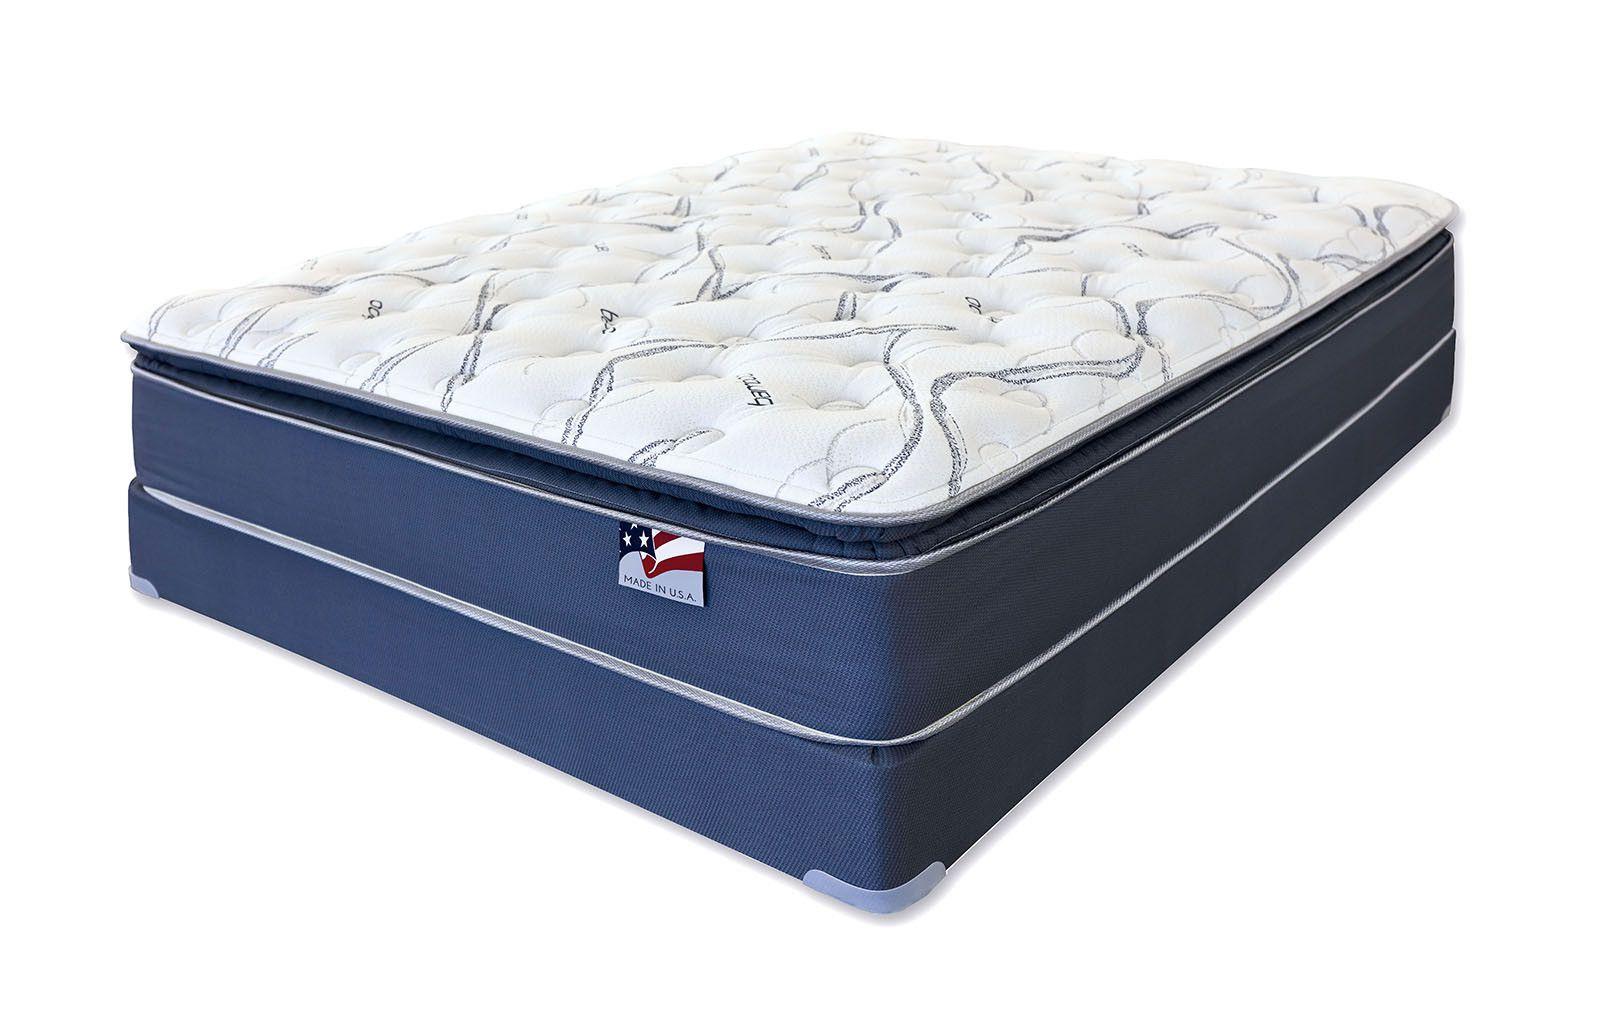 King Size Pillow Top Mattress Colchones